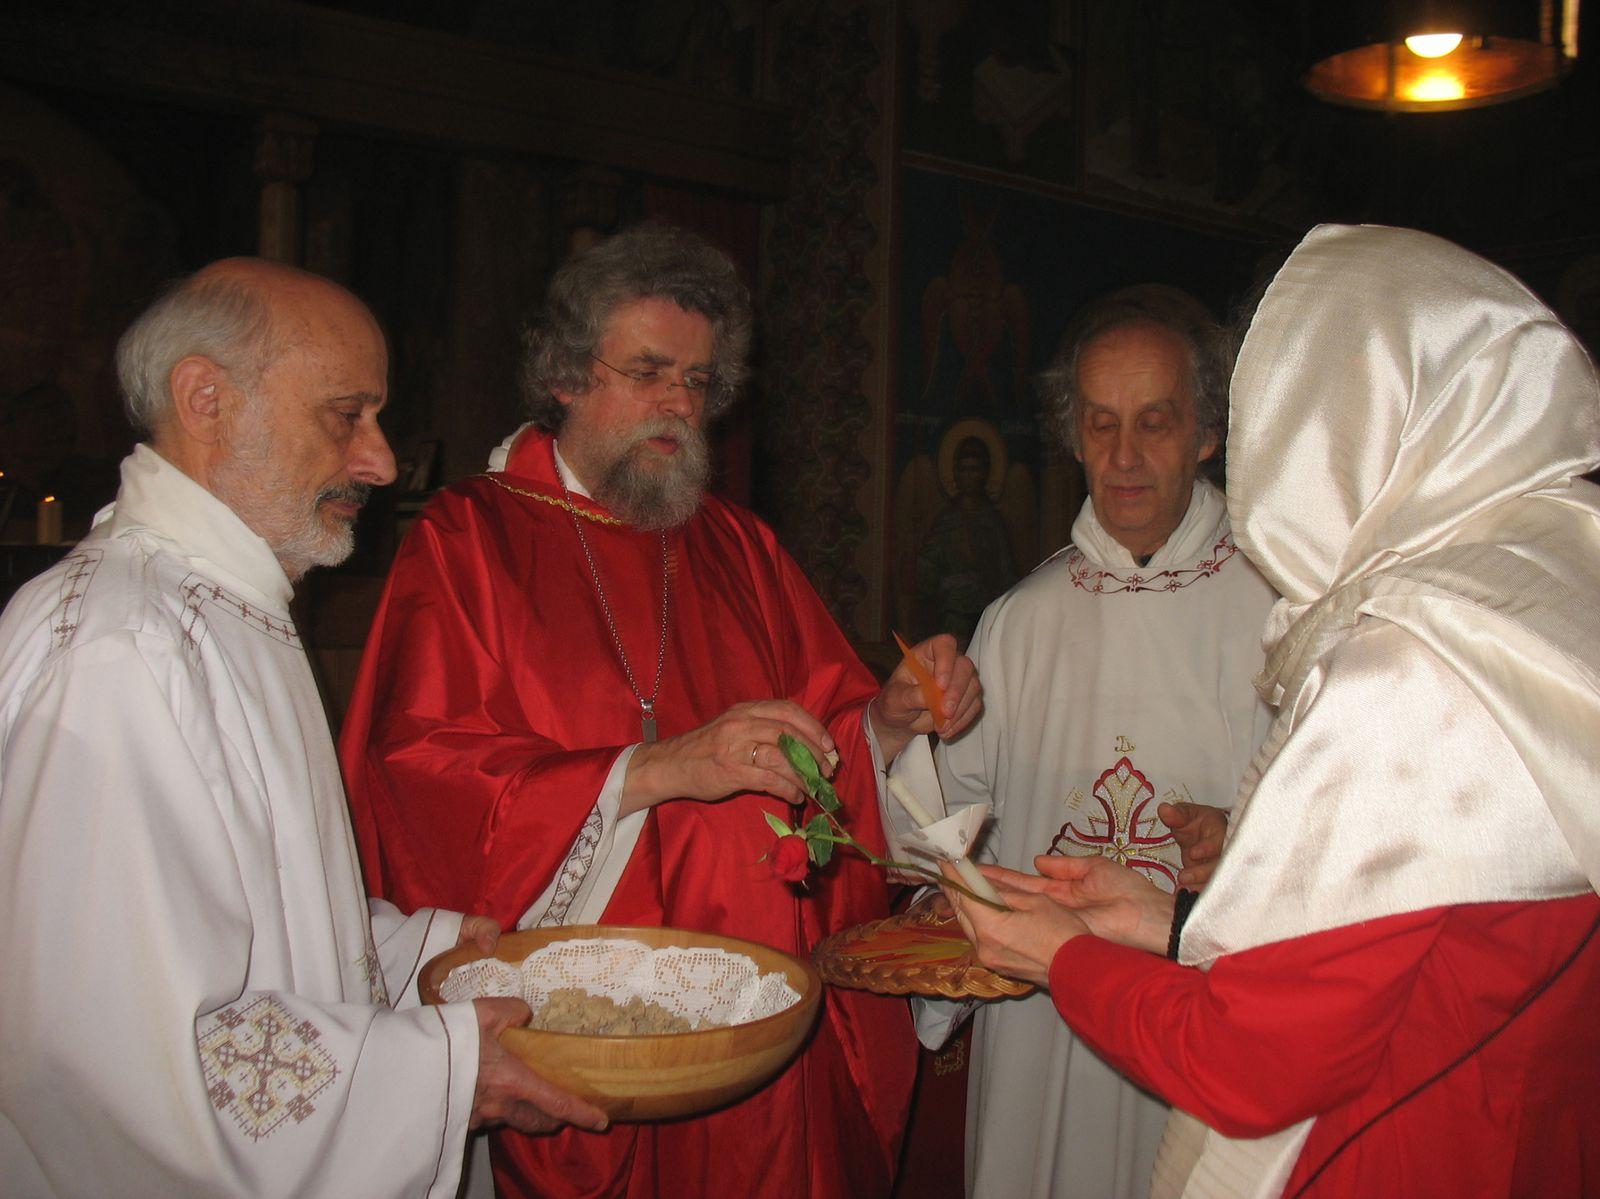 Chants et photos de la Pentecôte à Béthanie